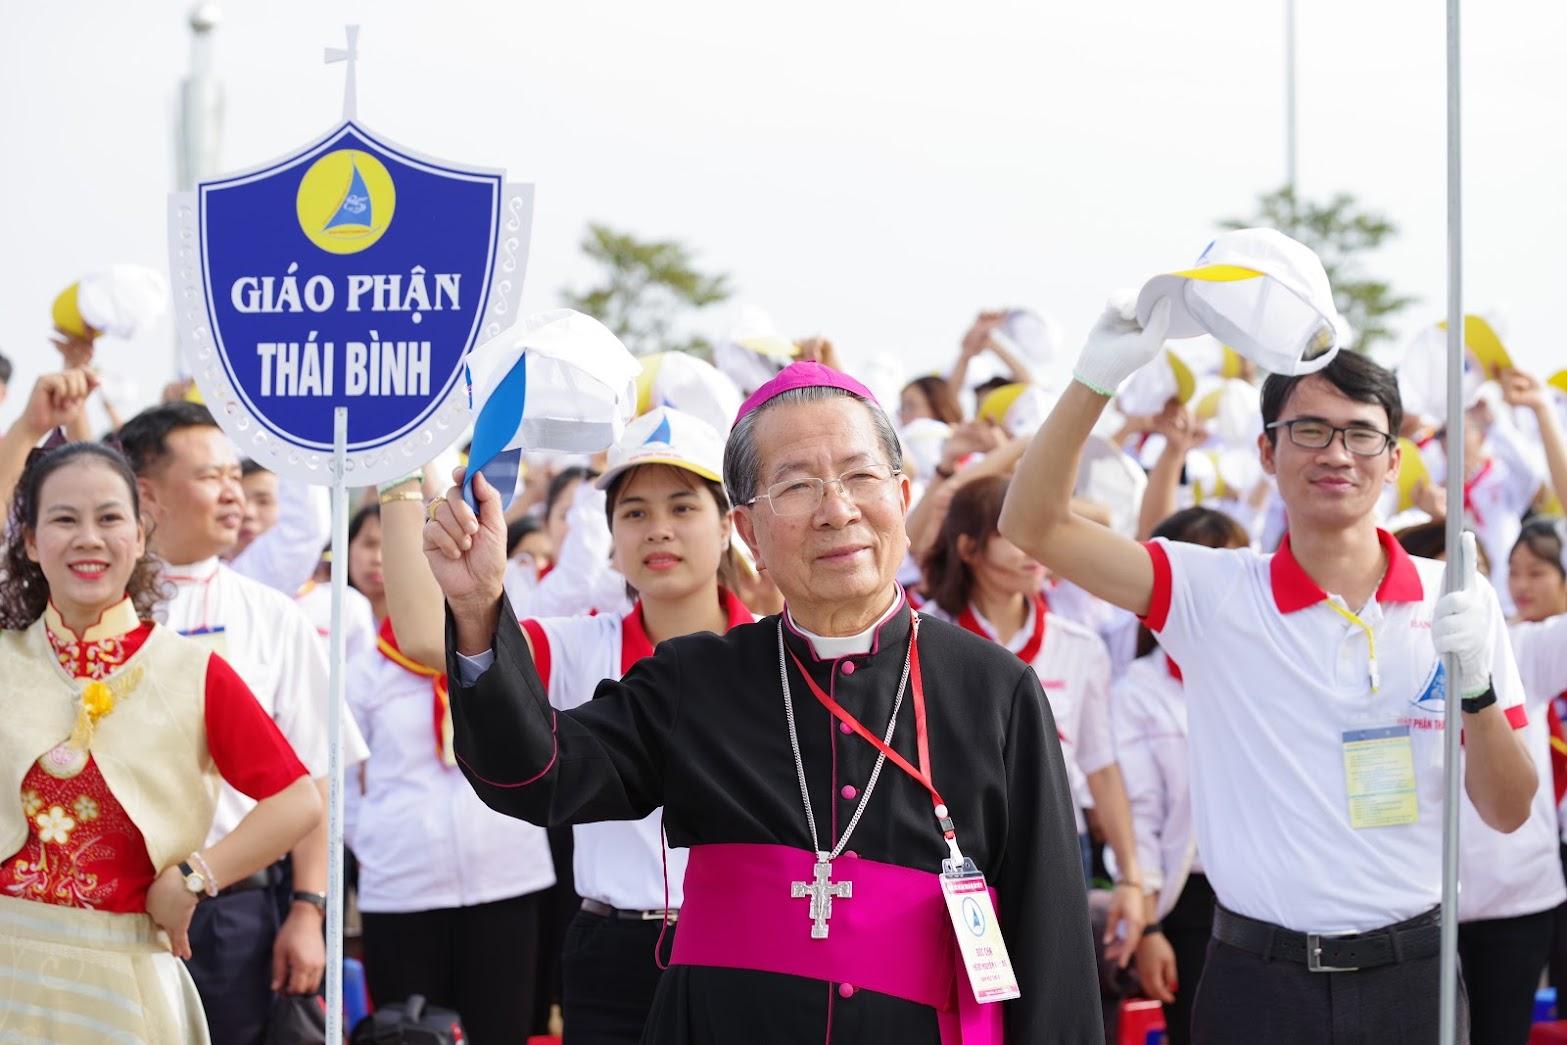 Những hình ảnh đẹp về lễ khai mạc Đại Hội Giới Trẻ giáo tỉnh Hà Nội lần thứ XV tại Thanh Hóa - Ảnh minh hoạ 20